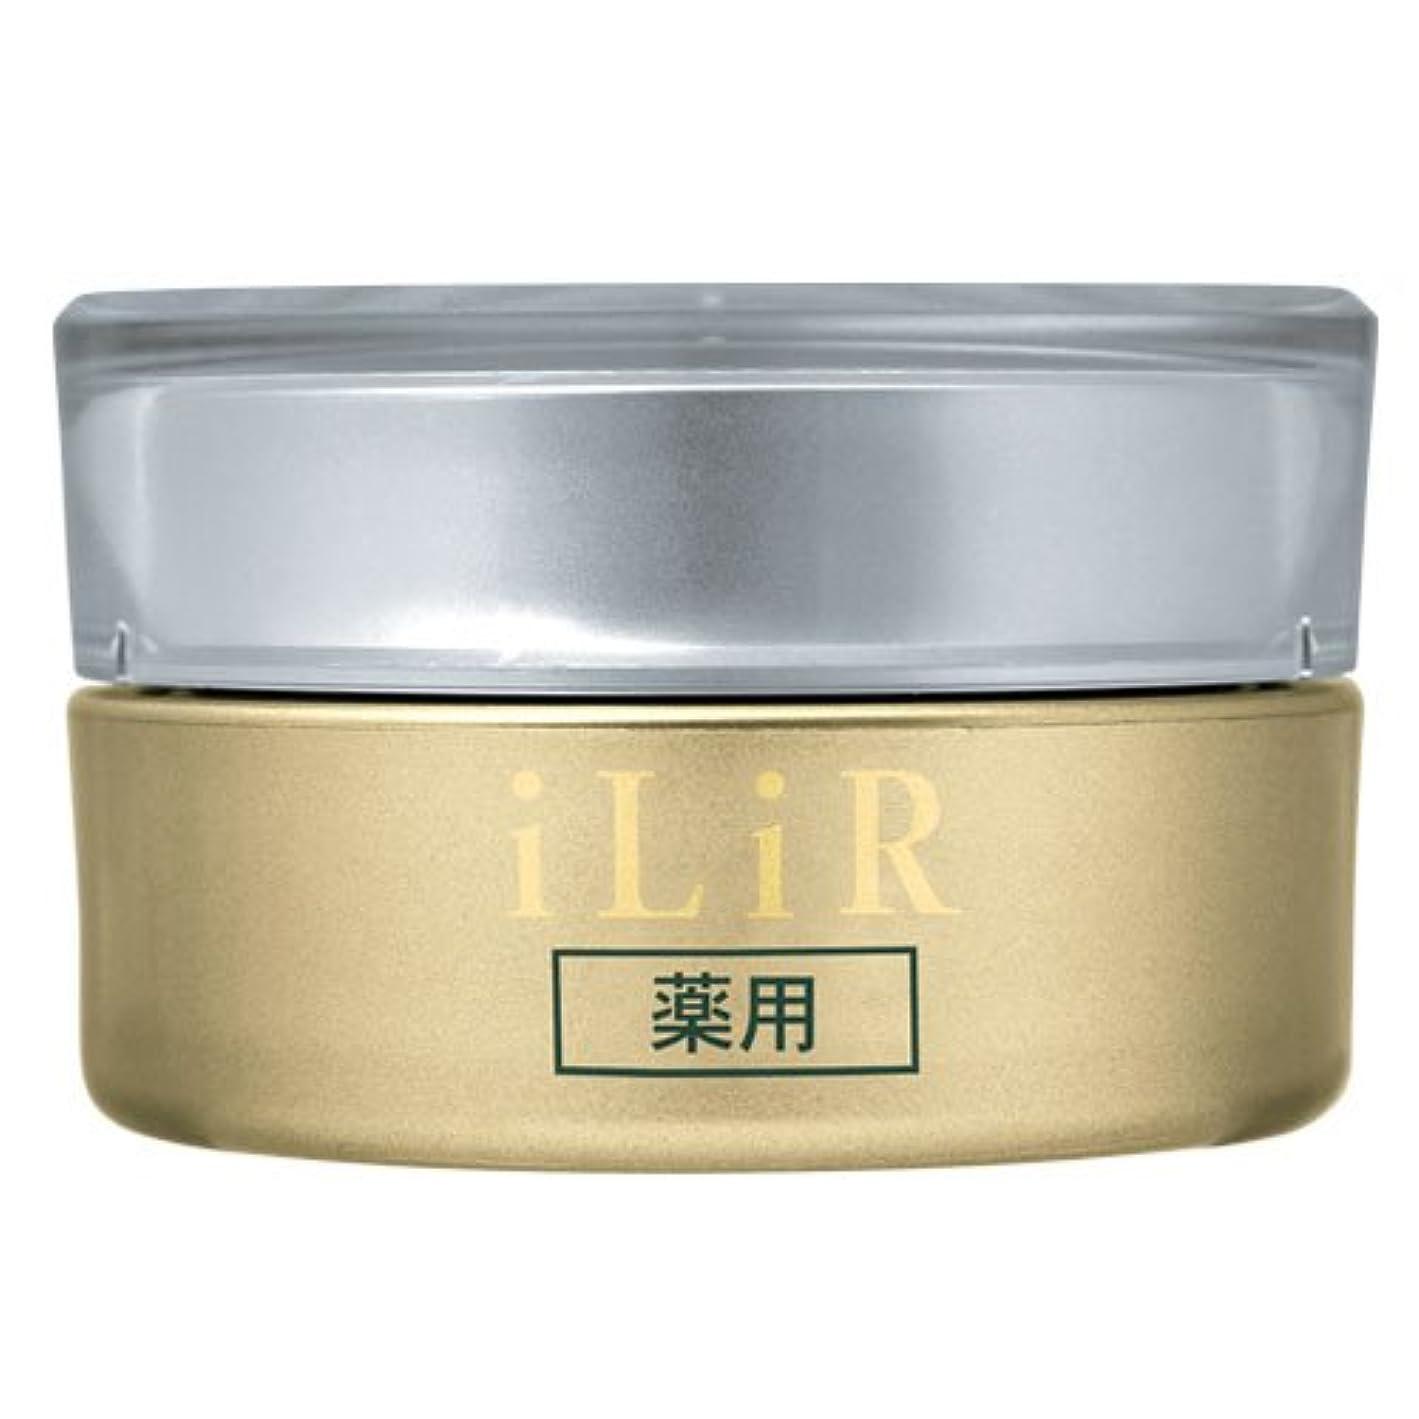 間モザイククリップ蝶iLiR(イリアール) 薬用リンクルホワイトクリーム